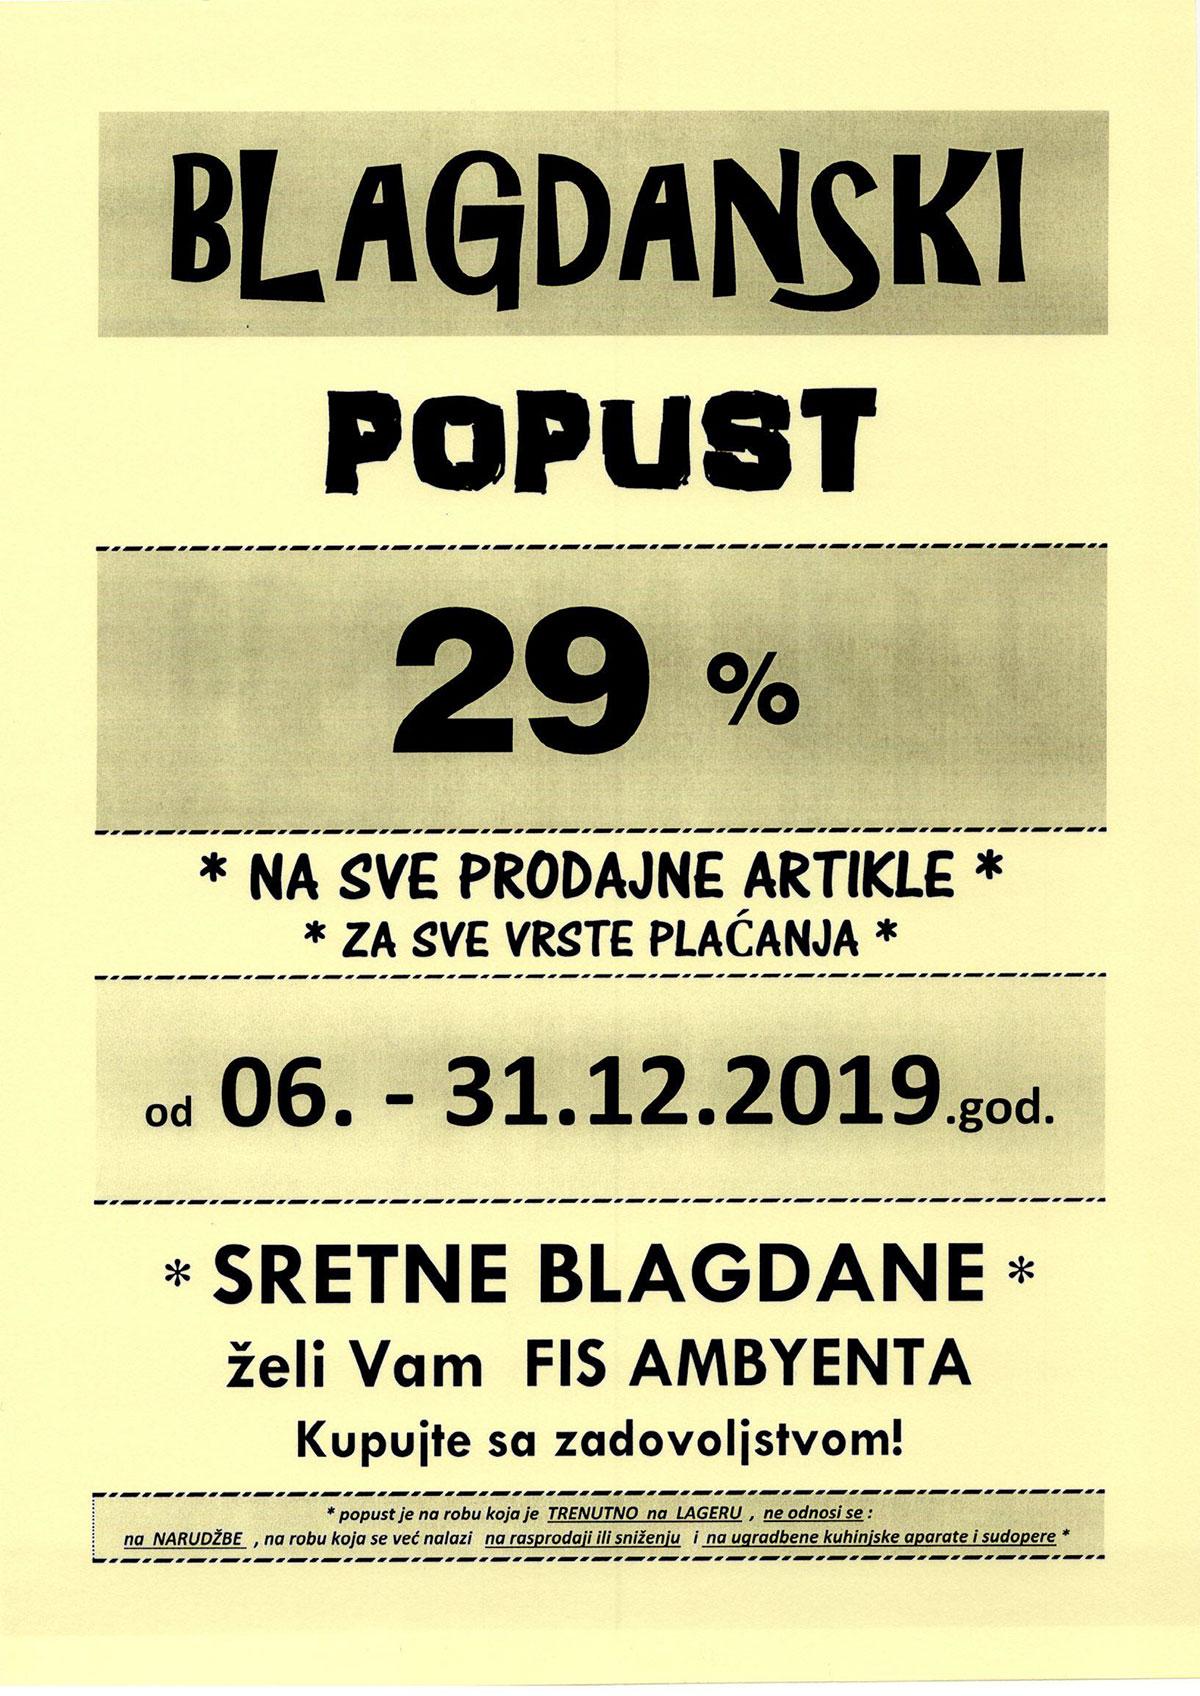 Blagdanski popust Ambyenta